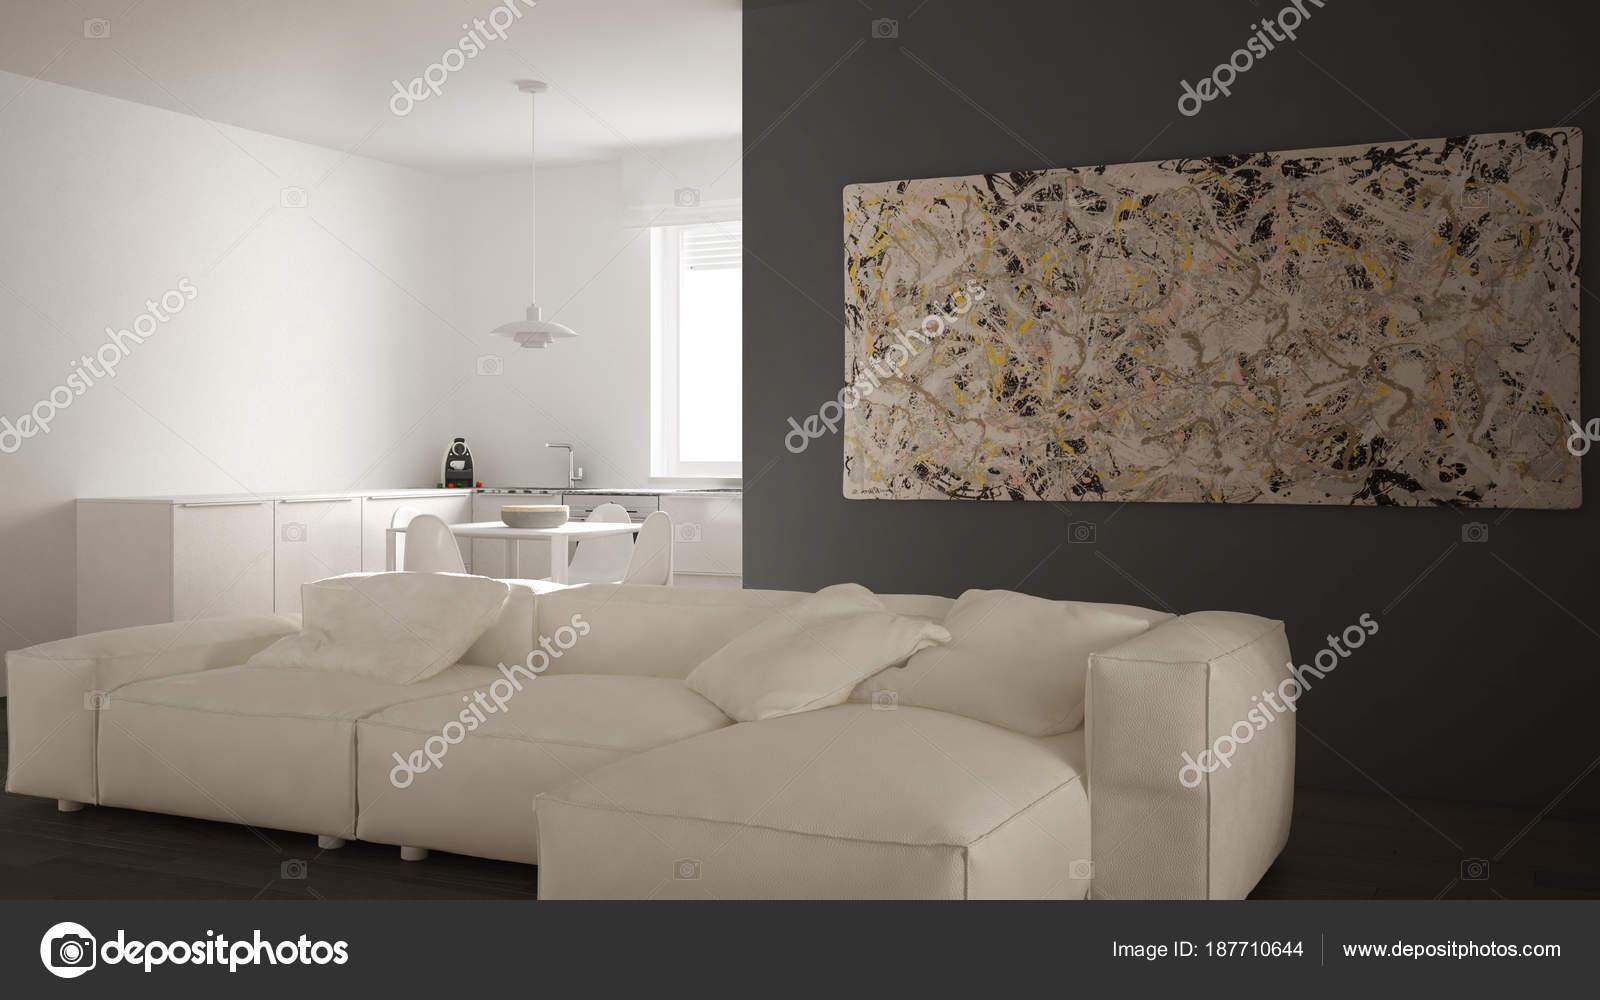 Salon Moderne Avec Cuisine Dans Un Espace Ouvert Confortable